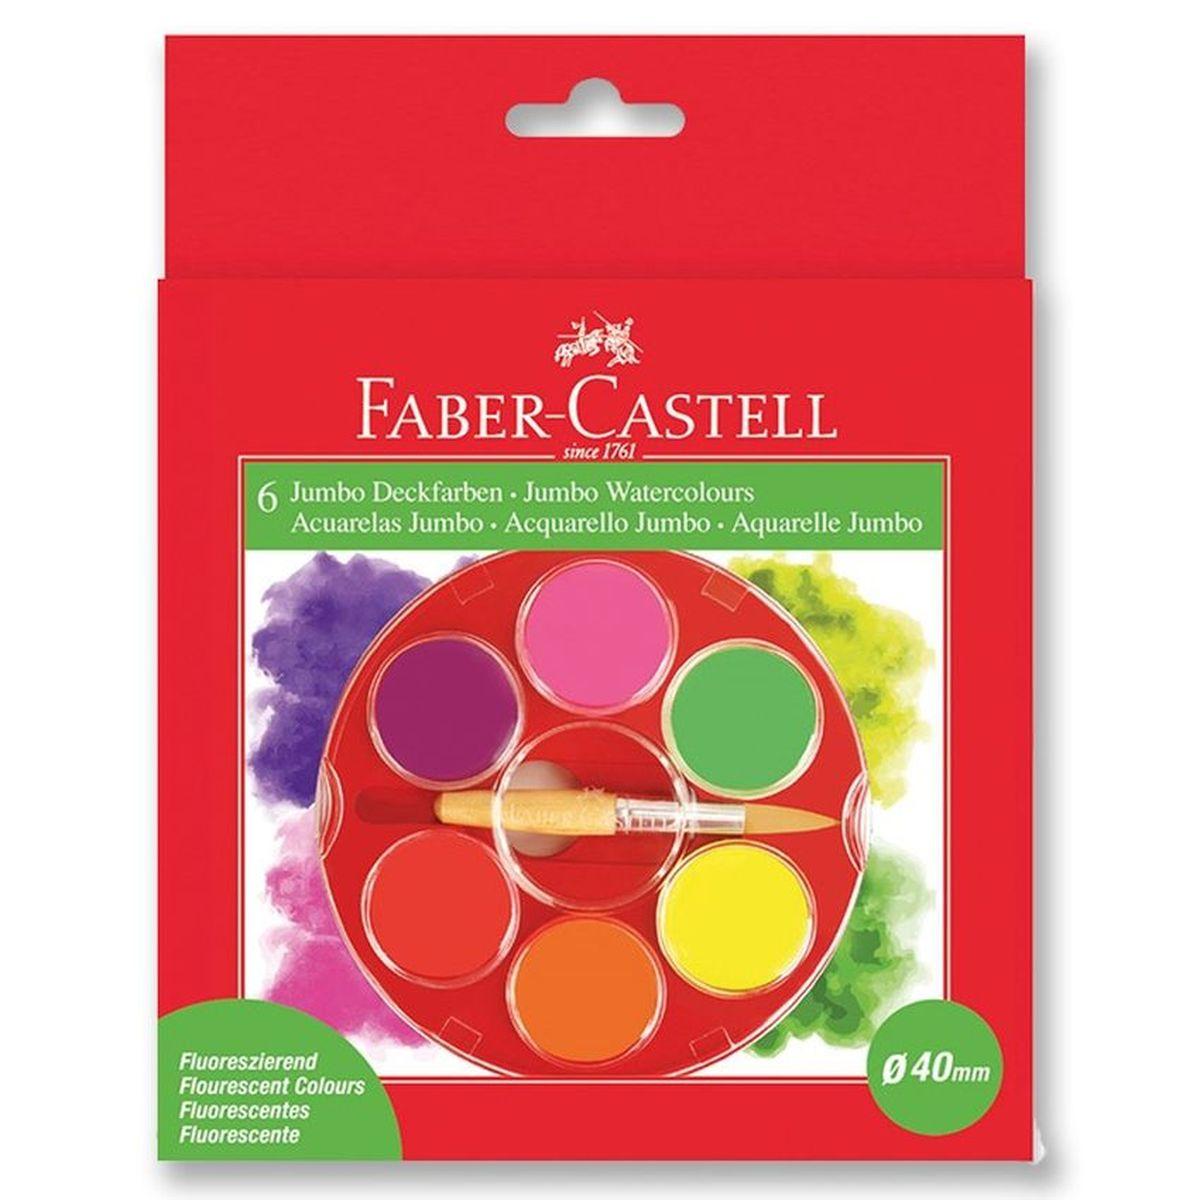 Faber-Castell Акварельные краски Jumbo неоновые 6 штCS-GSA313020Faber-Castell Акварельные краски Jumbo упакованы в кюветы увеличенного диаметра 40 мм. В наборе 6 неоновых цветов.